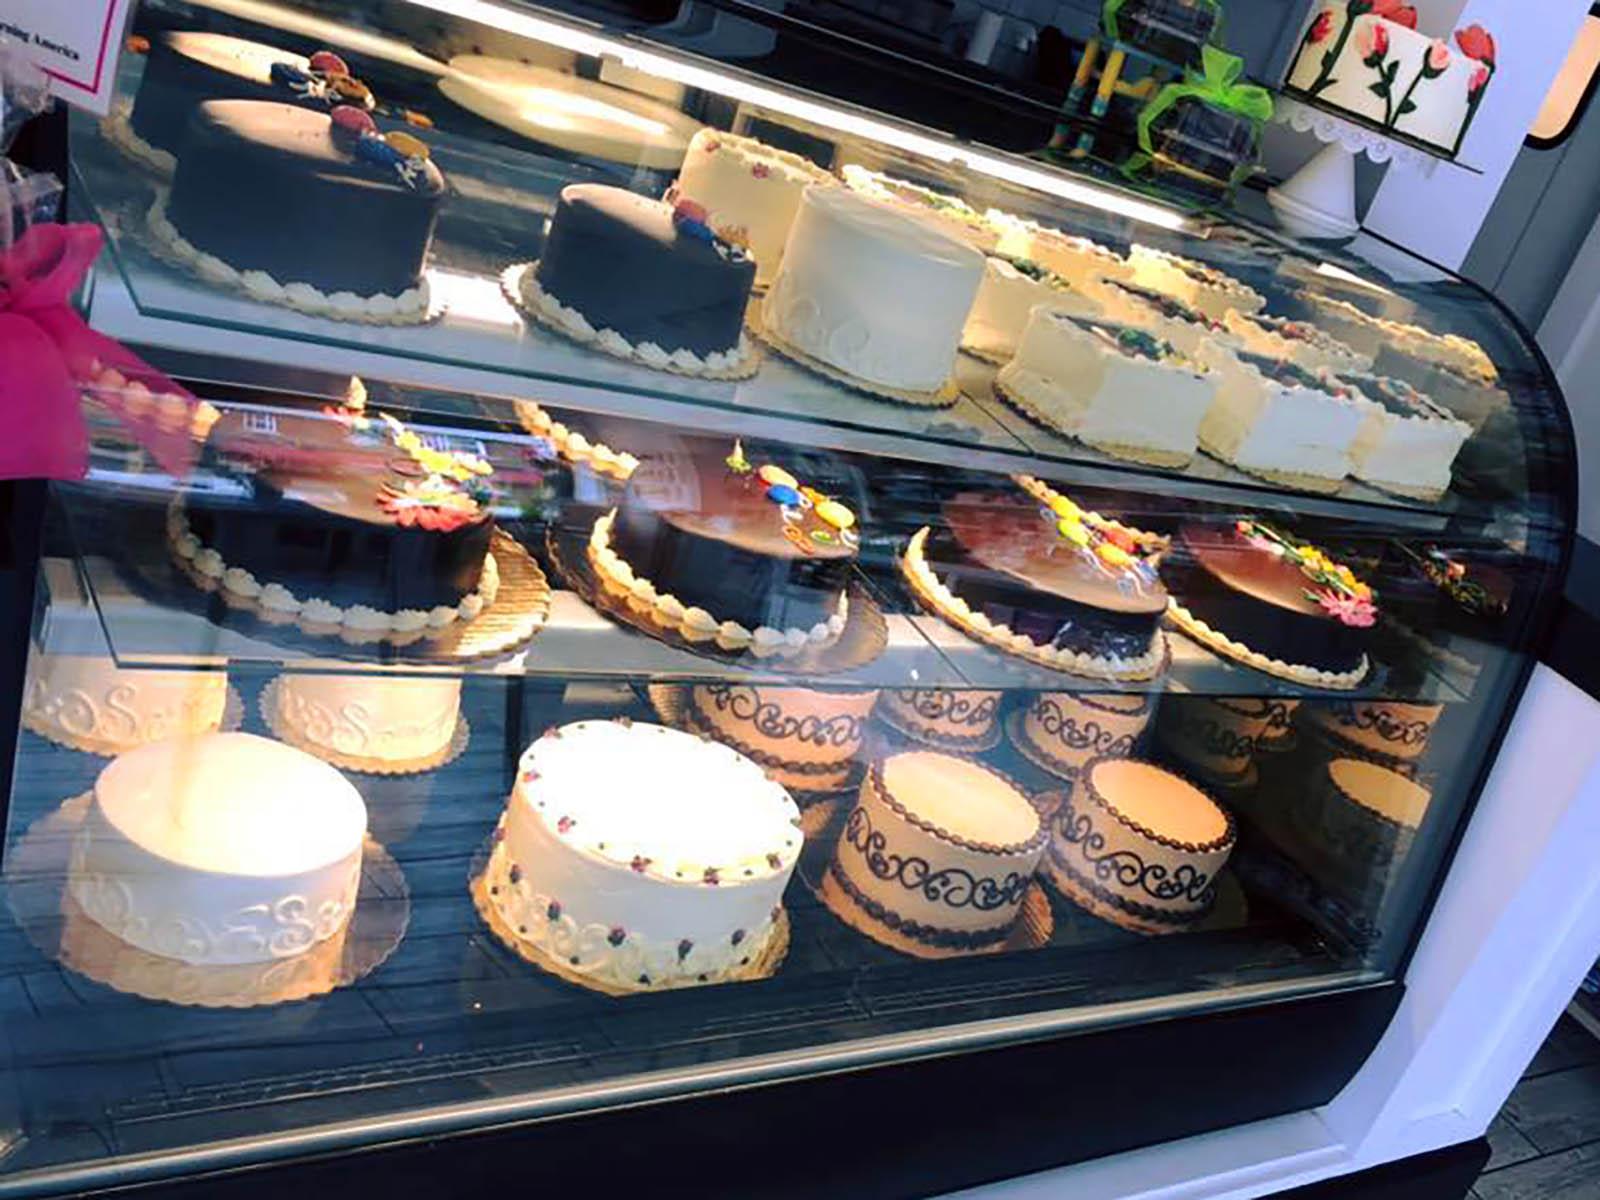 Simma's Bakery cakes